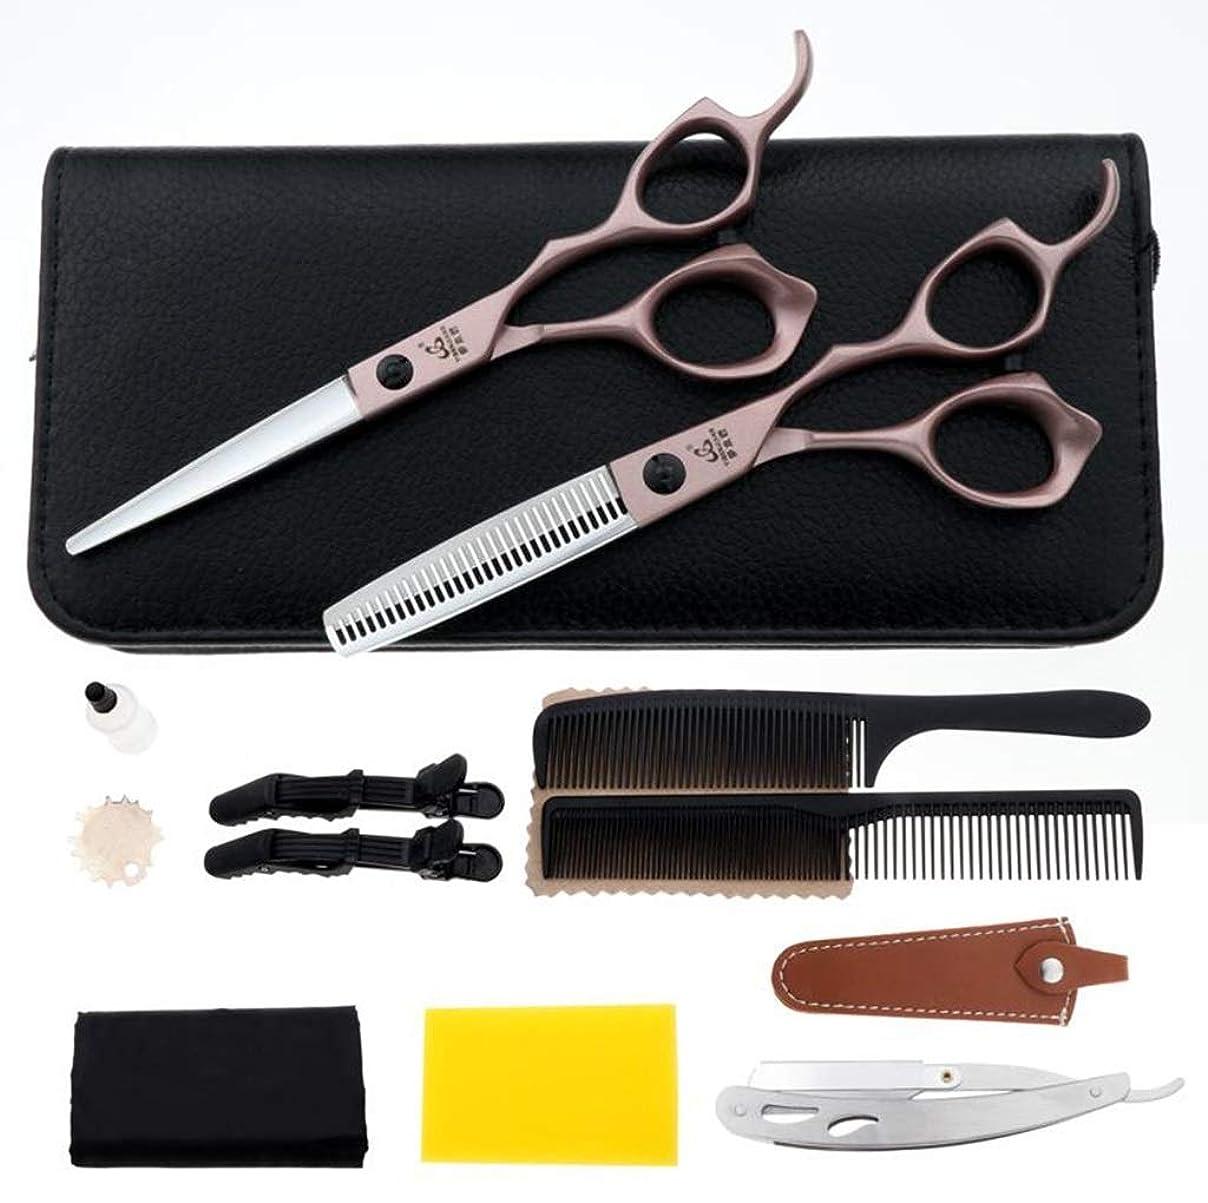 より多い任意櫛6インチプロフェッショナル理容理髪理髪はさみセットは、理髪かみそりせん断、間伐はさみ、髪の毛の櫛とはさみケース付きステンレス鋼かみそりが含まれています